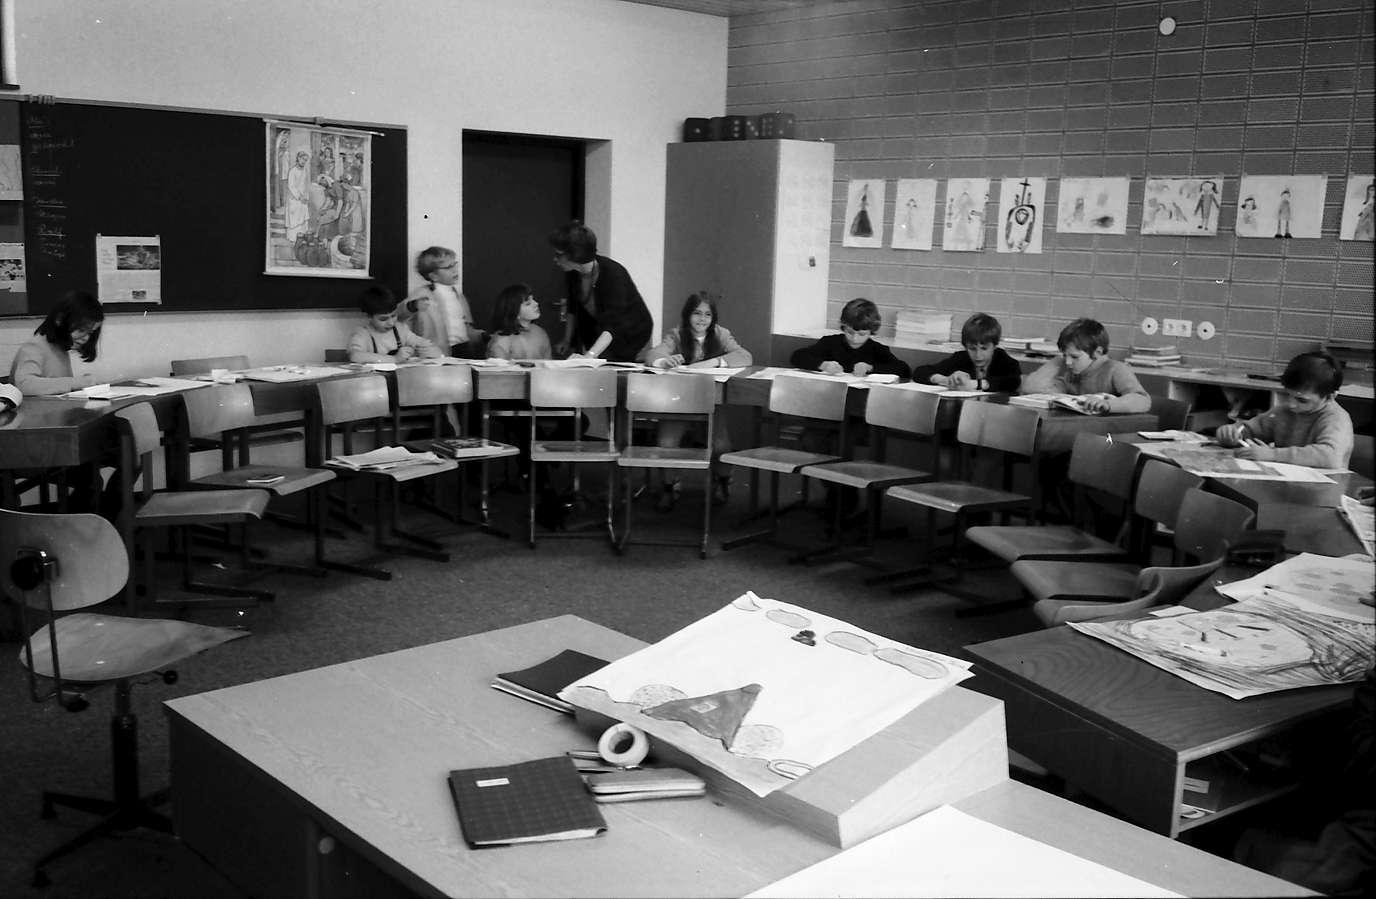 Stegen: Gehörlosenklasse beim Malunterricht, Bild 1